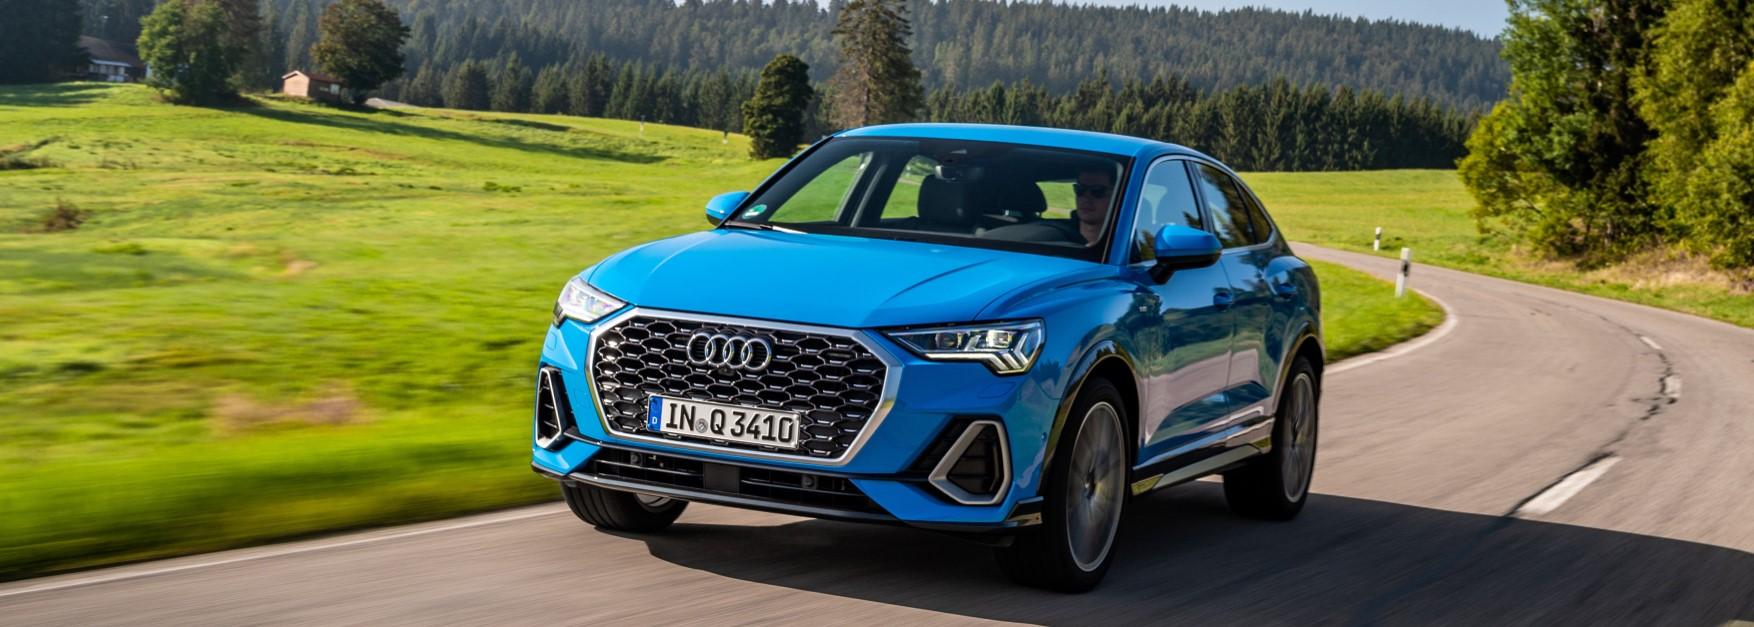 Audi expands Q3 range